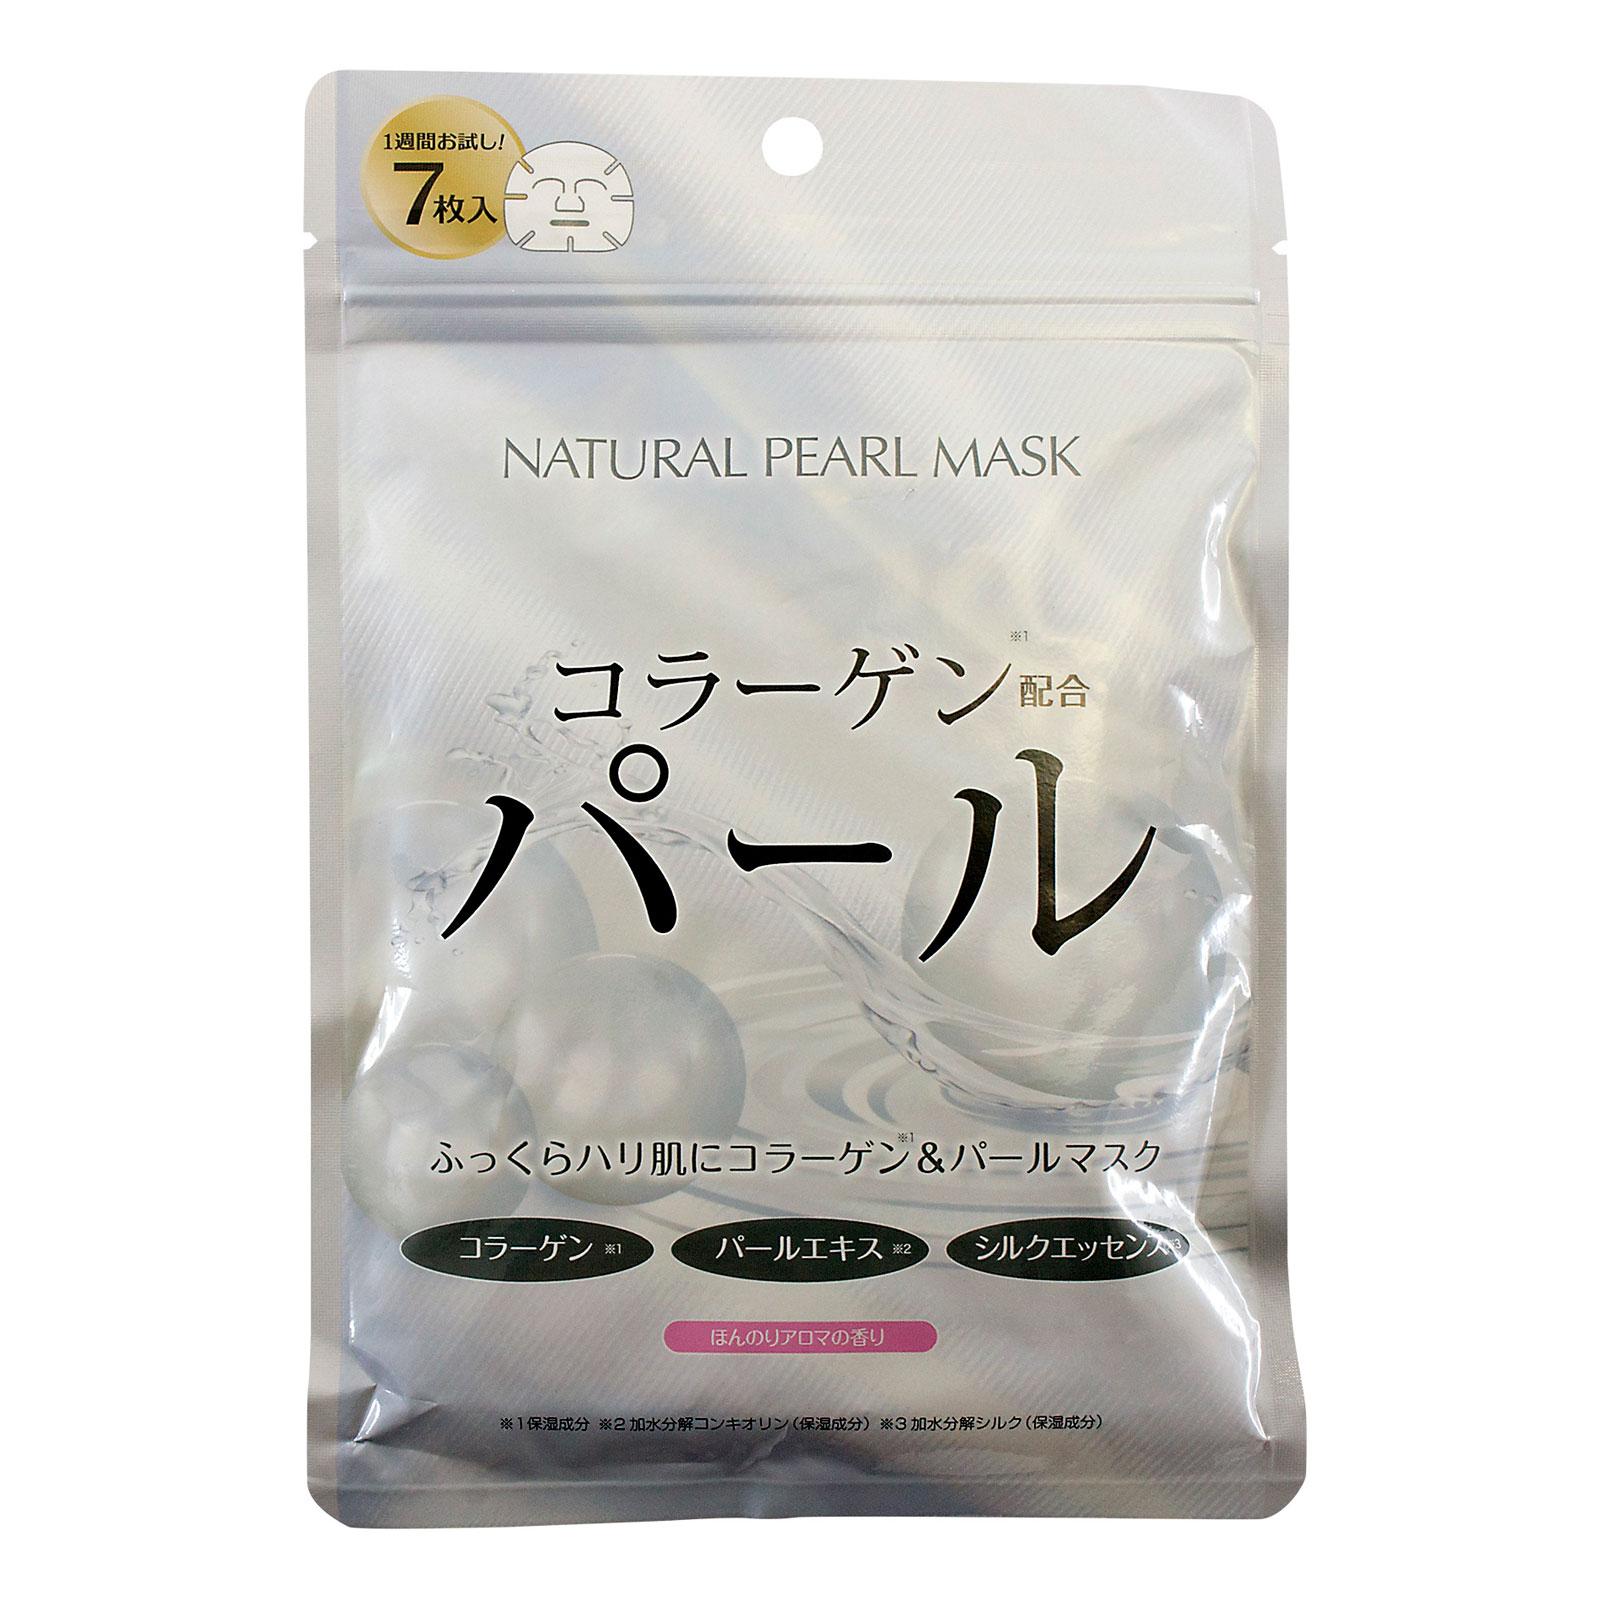 Натуральная маска Japan Gals (7 шт) с экстрактом жемчуга<br>